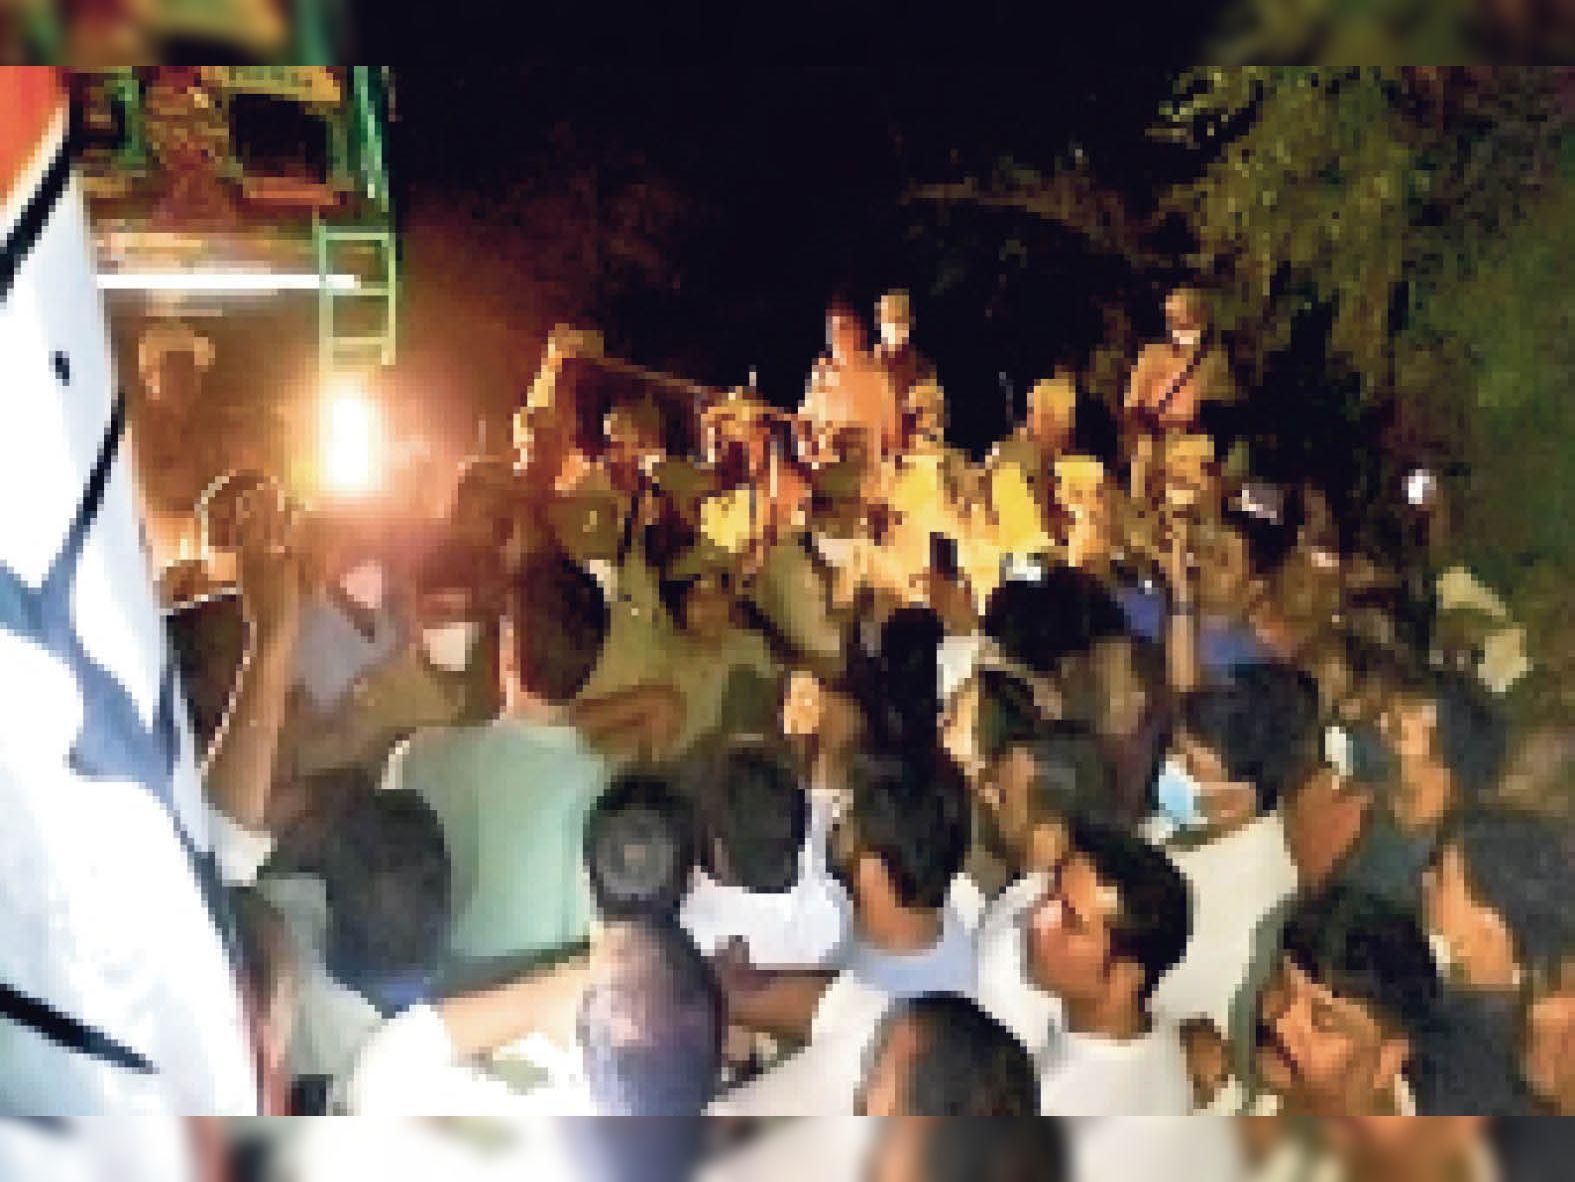 झारखंड- यूपी बार्डर पर कांग्रेसियों को रोकती पुलिस। - Dainik Bhaskar